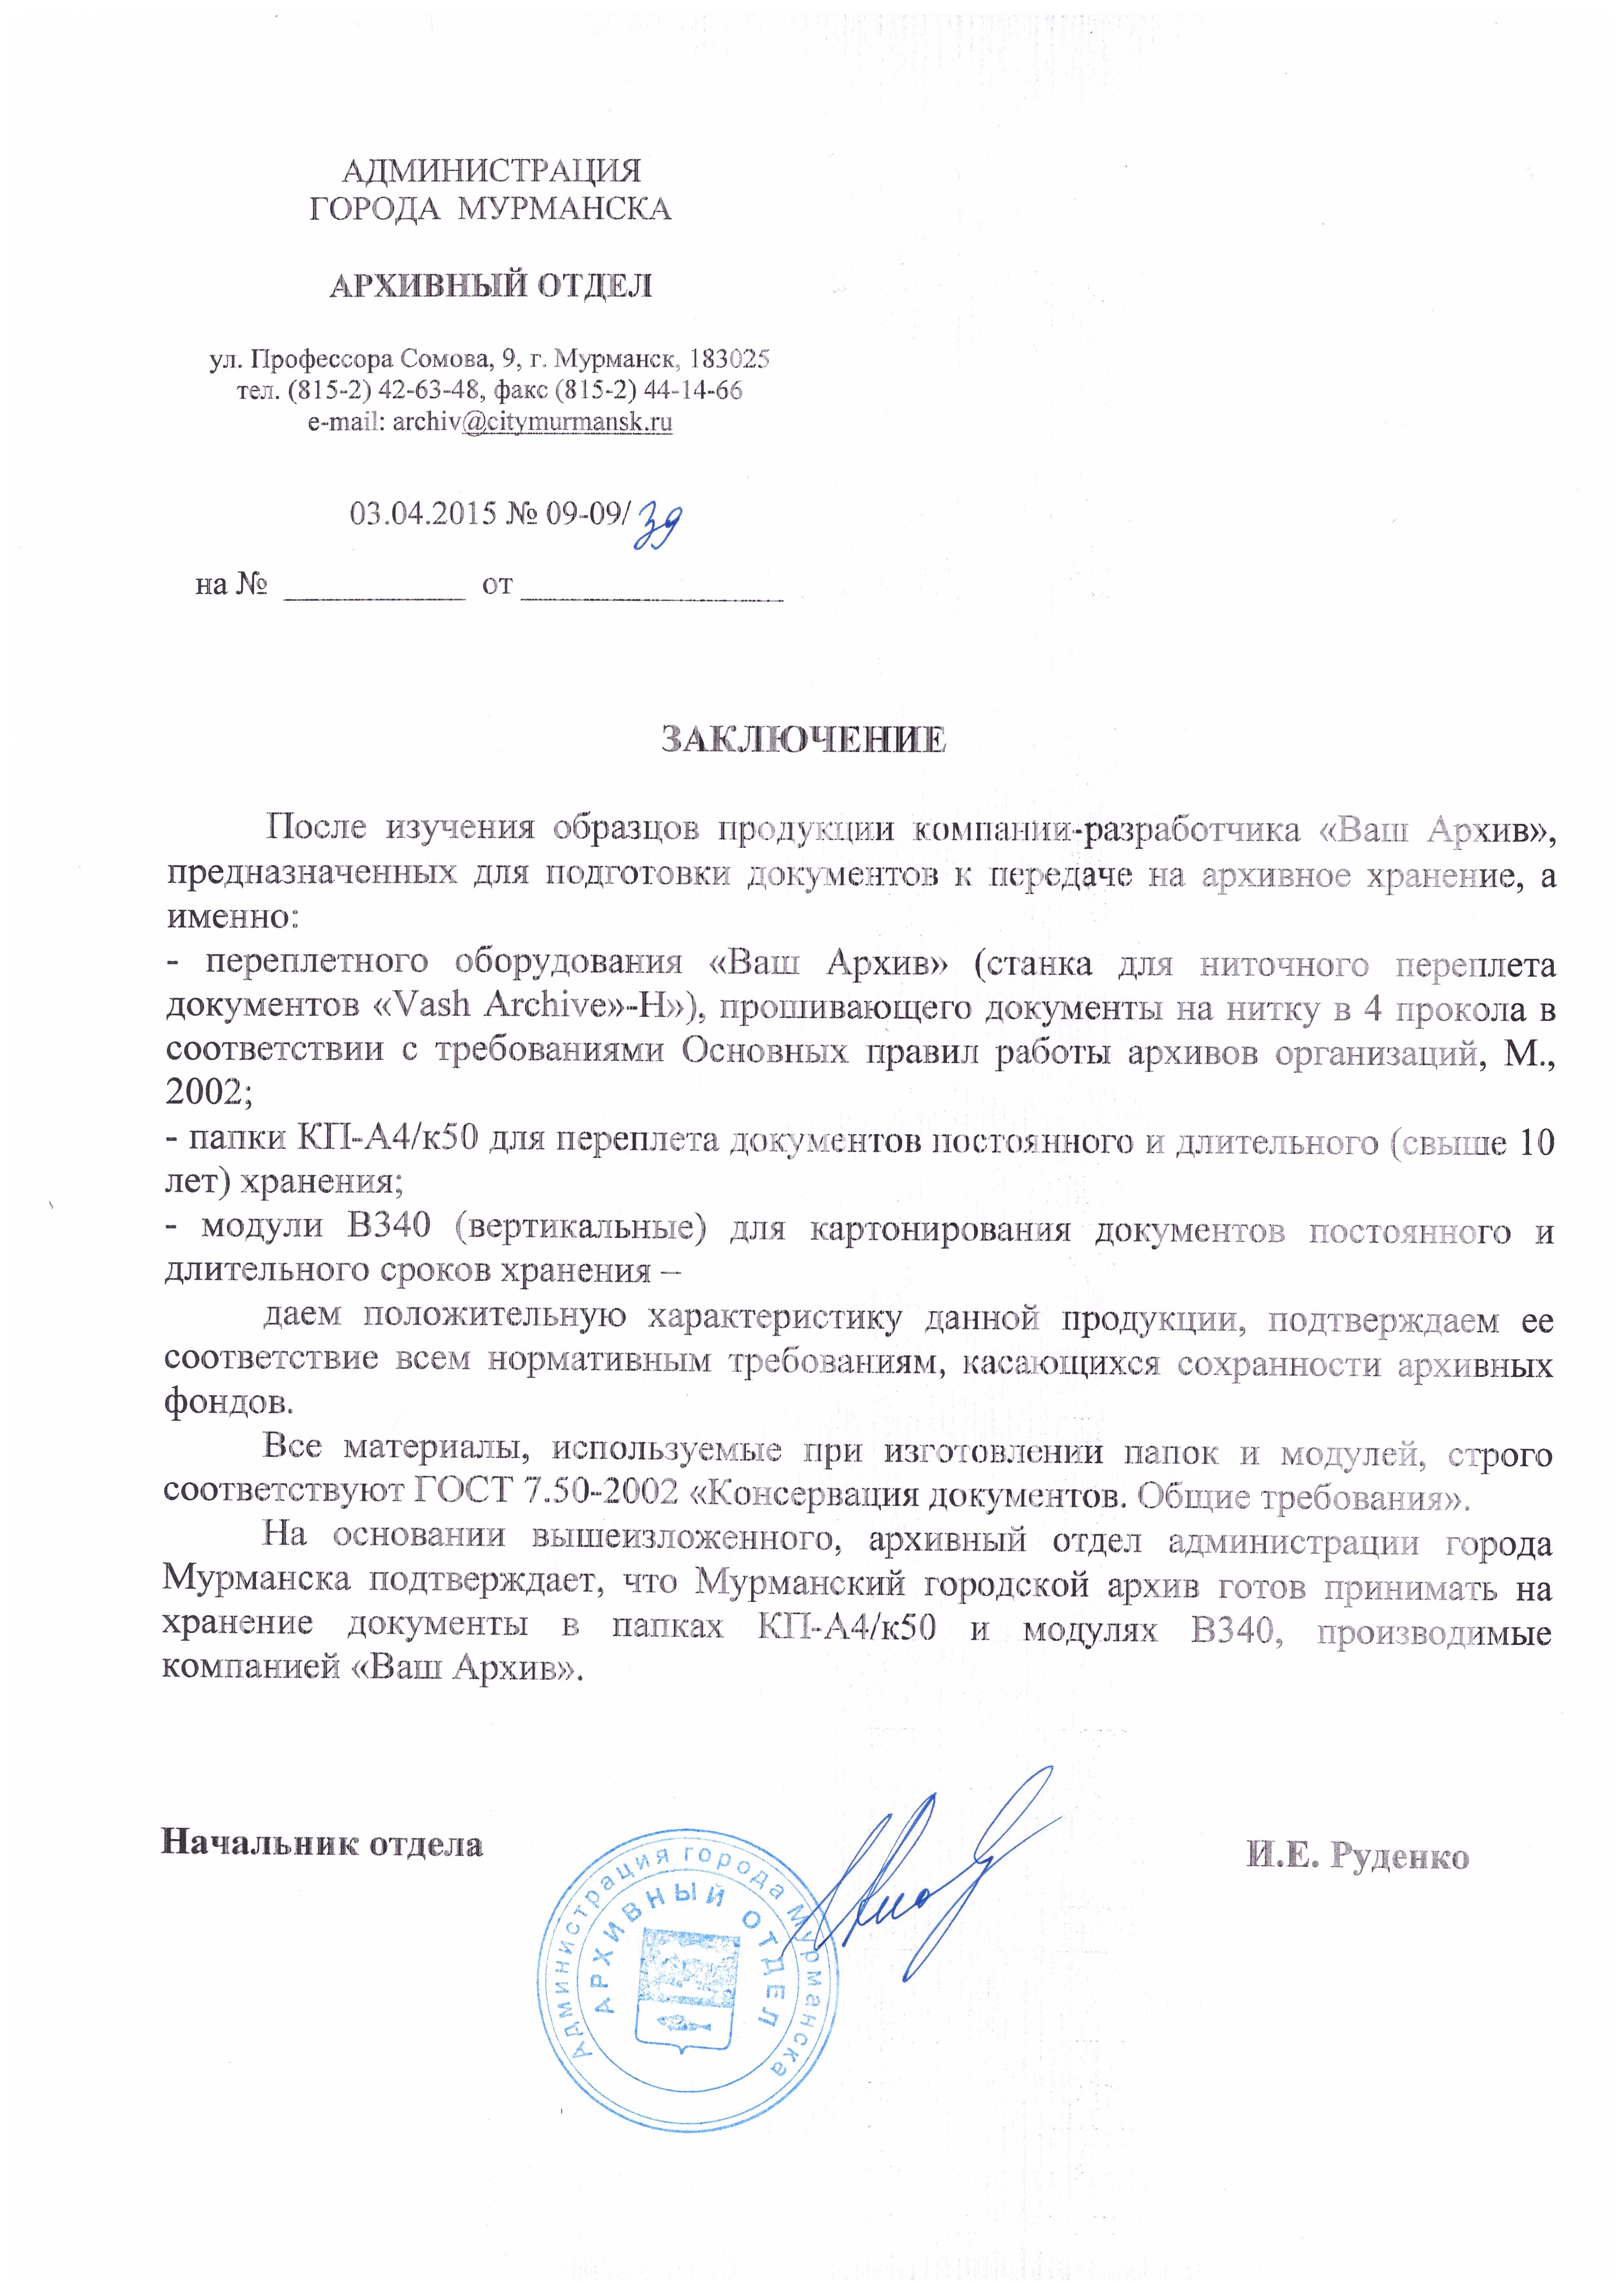 Письмо Мурманский Архивный отдел